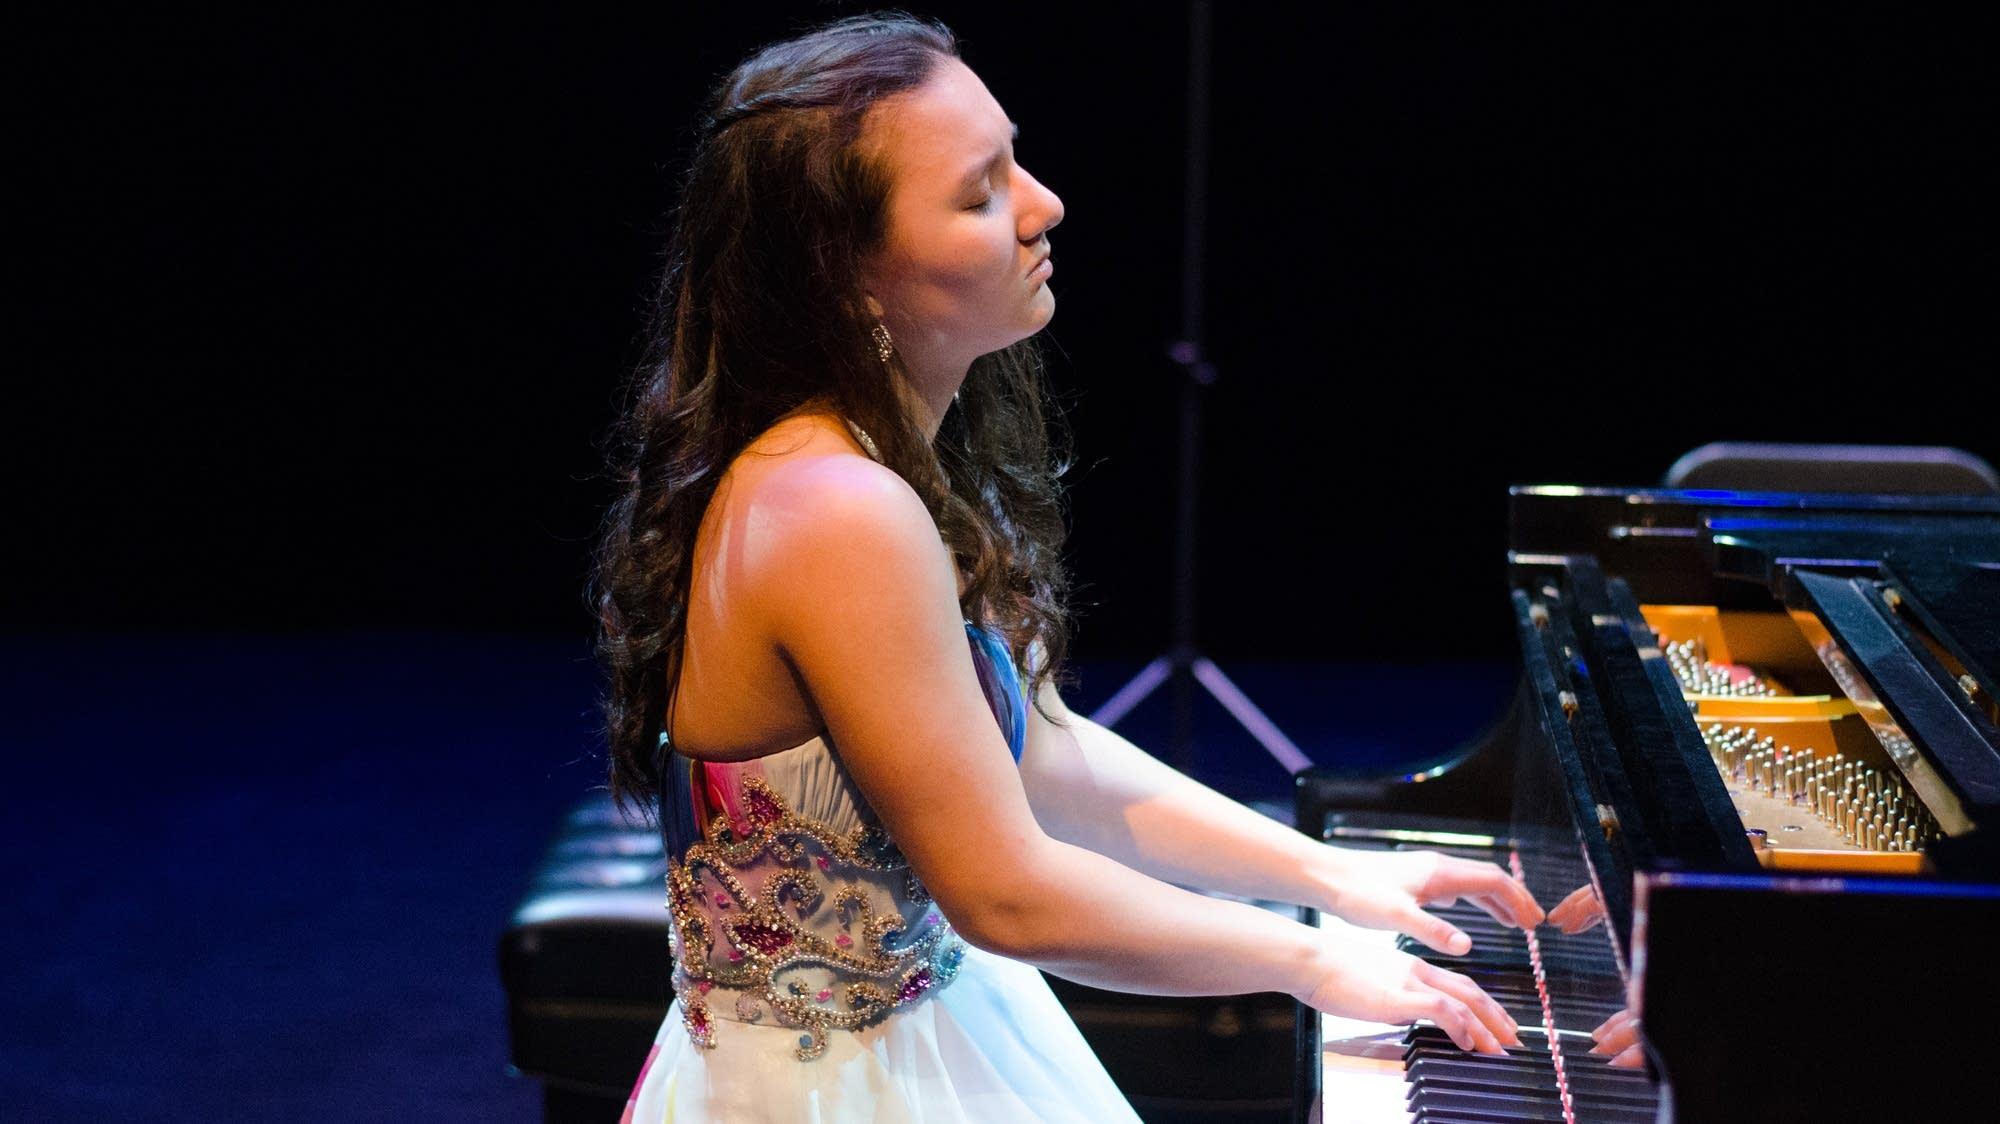 Emma Taggart